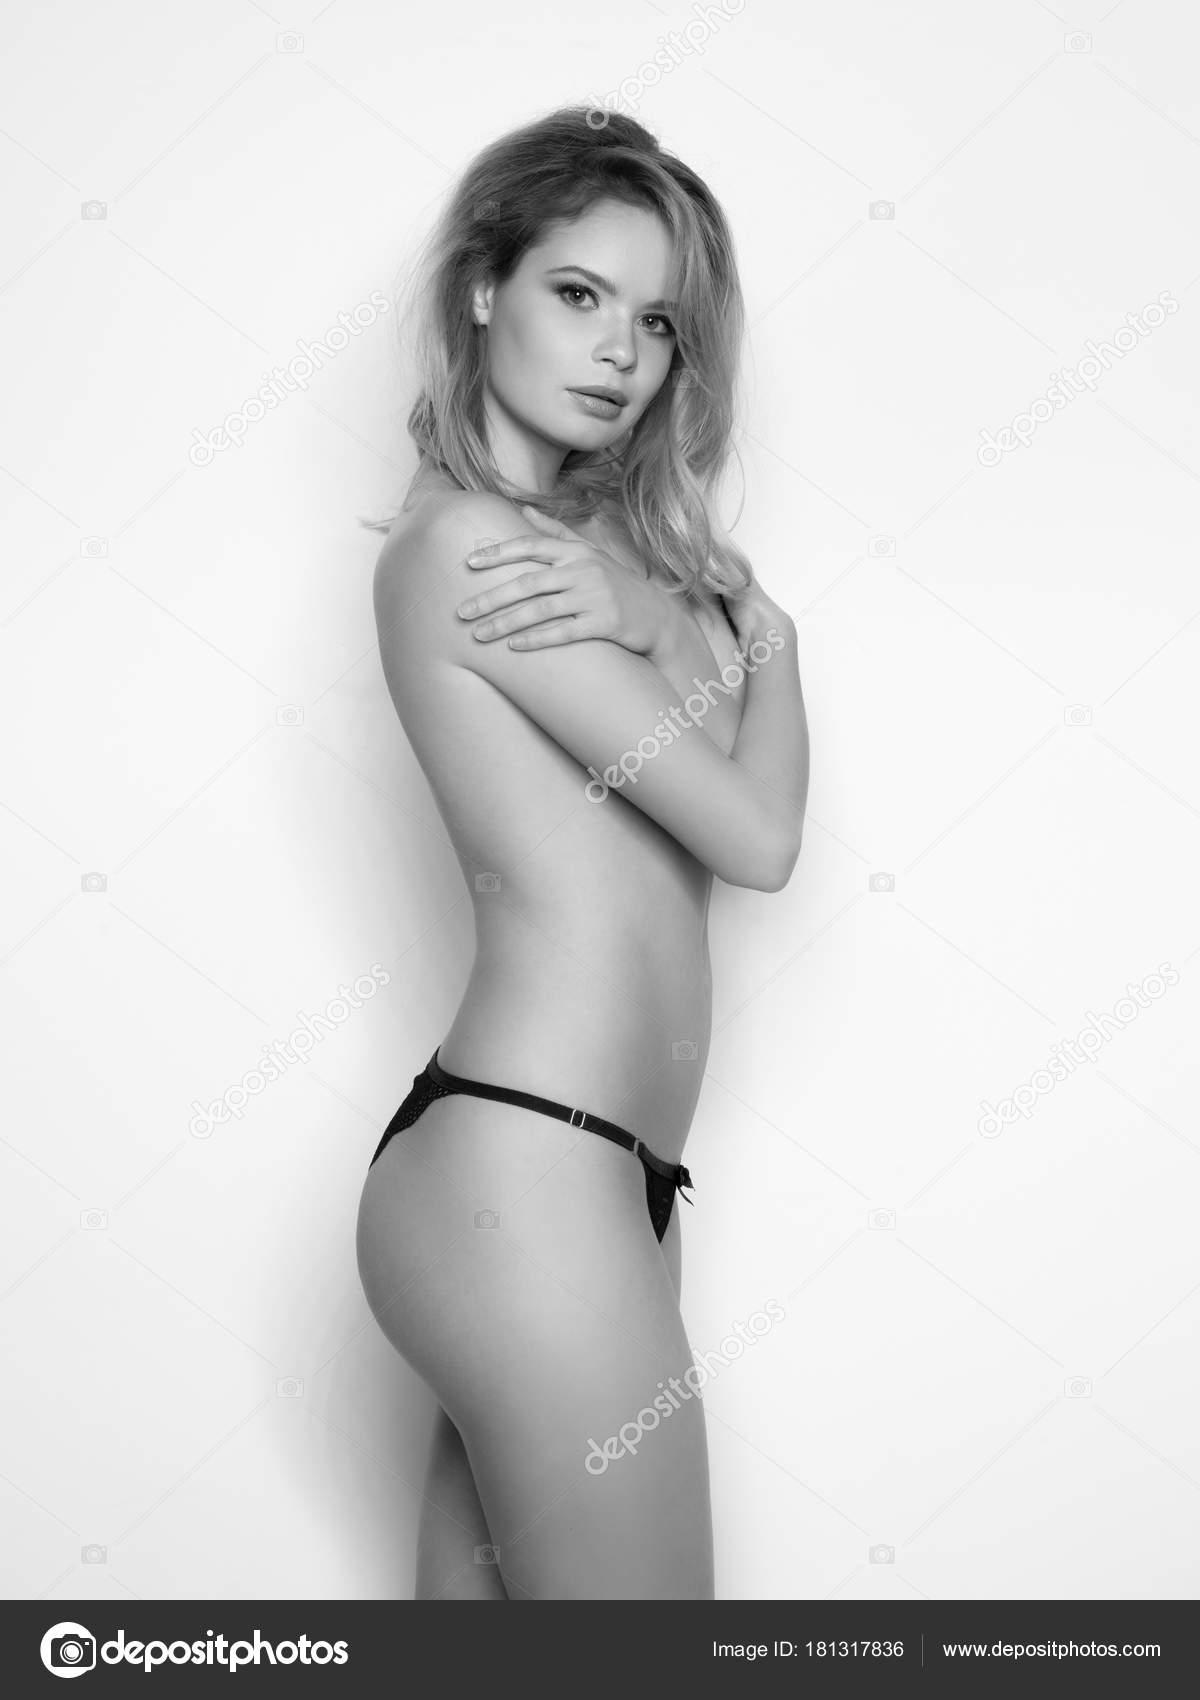 hot saxi naked girl